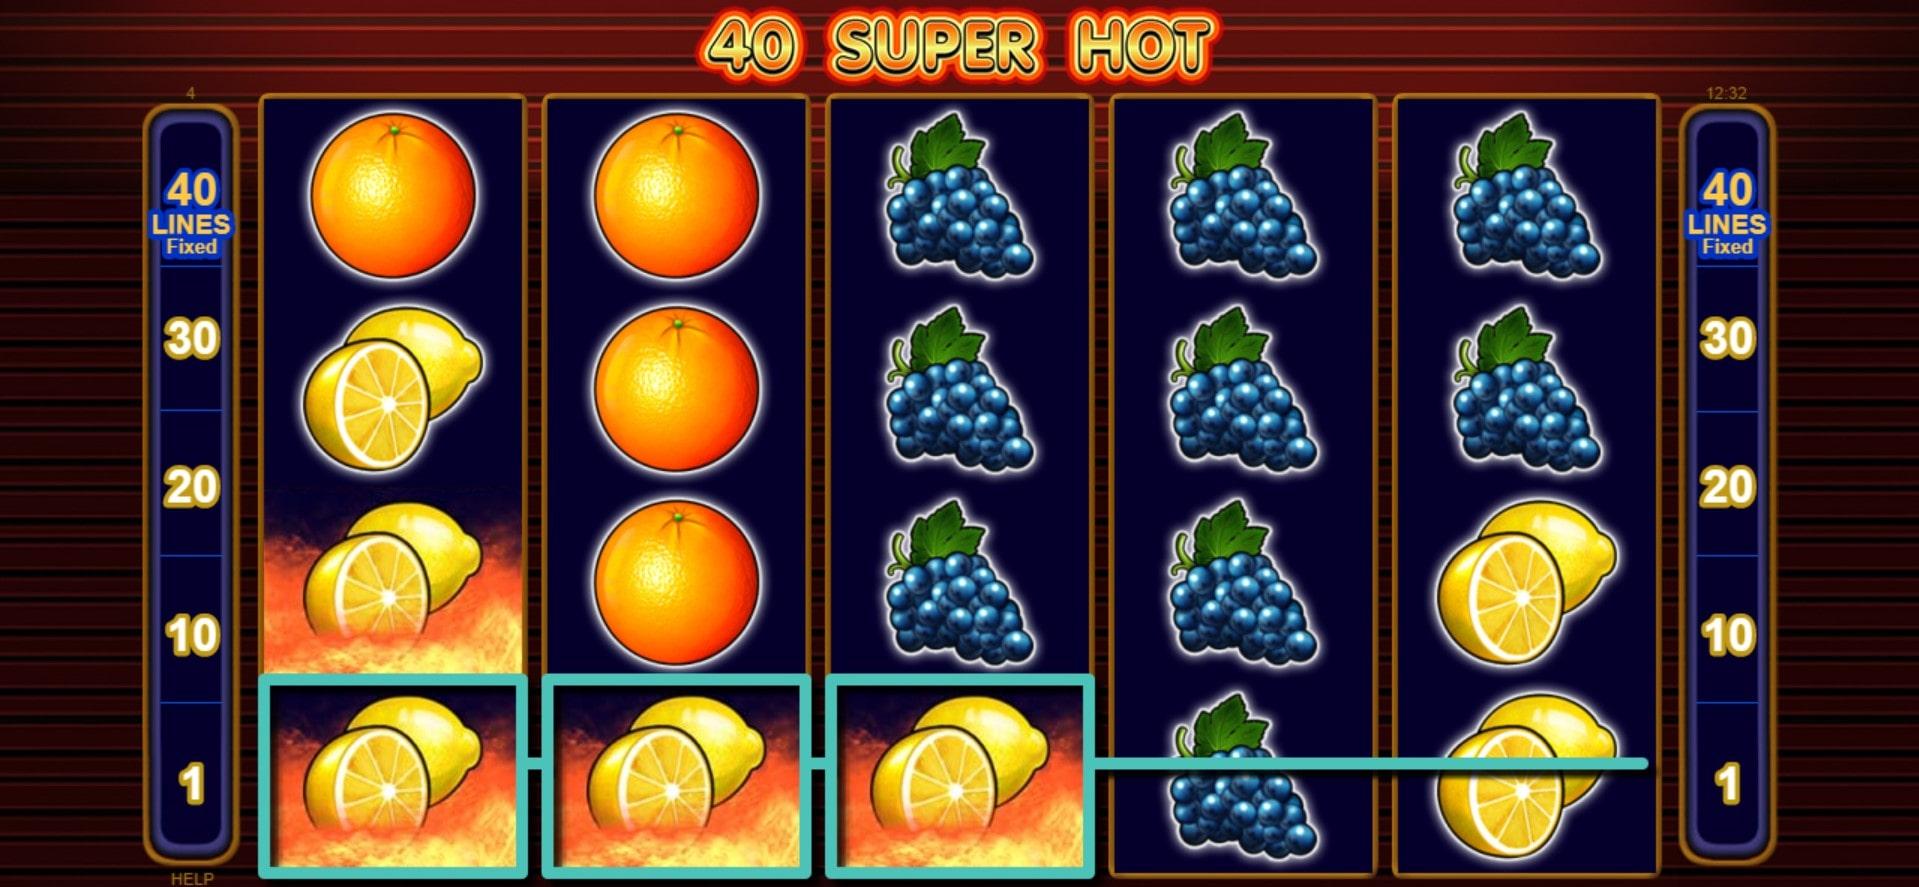 Игровой автомат 40 Super Hot играть онлайн